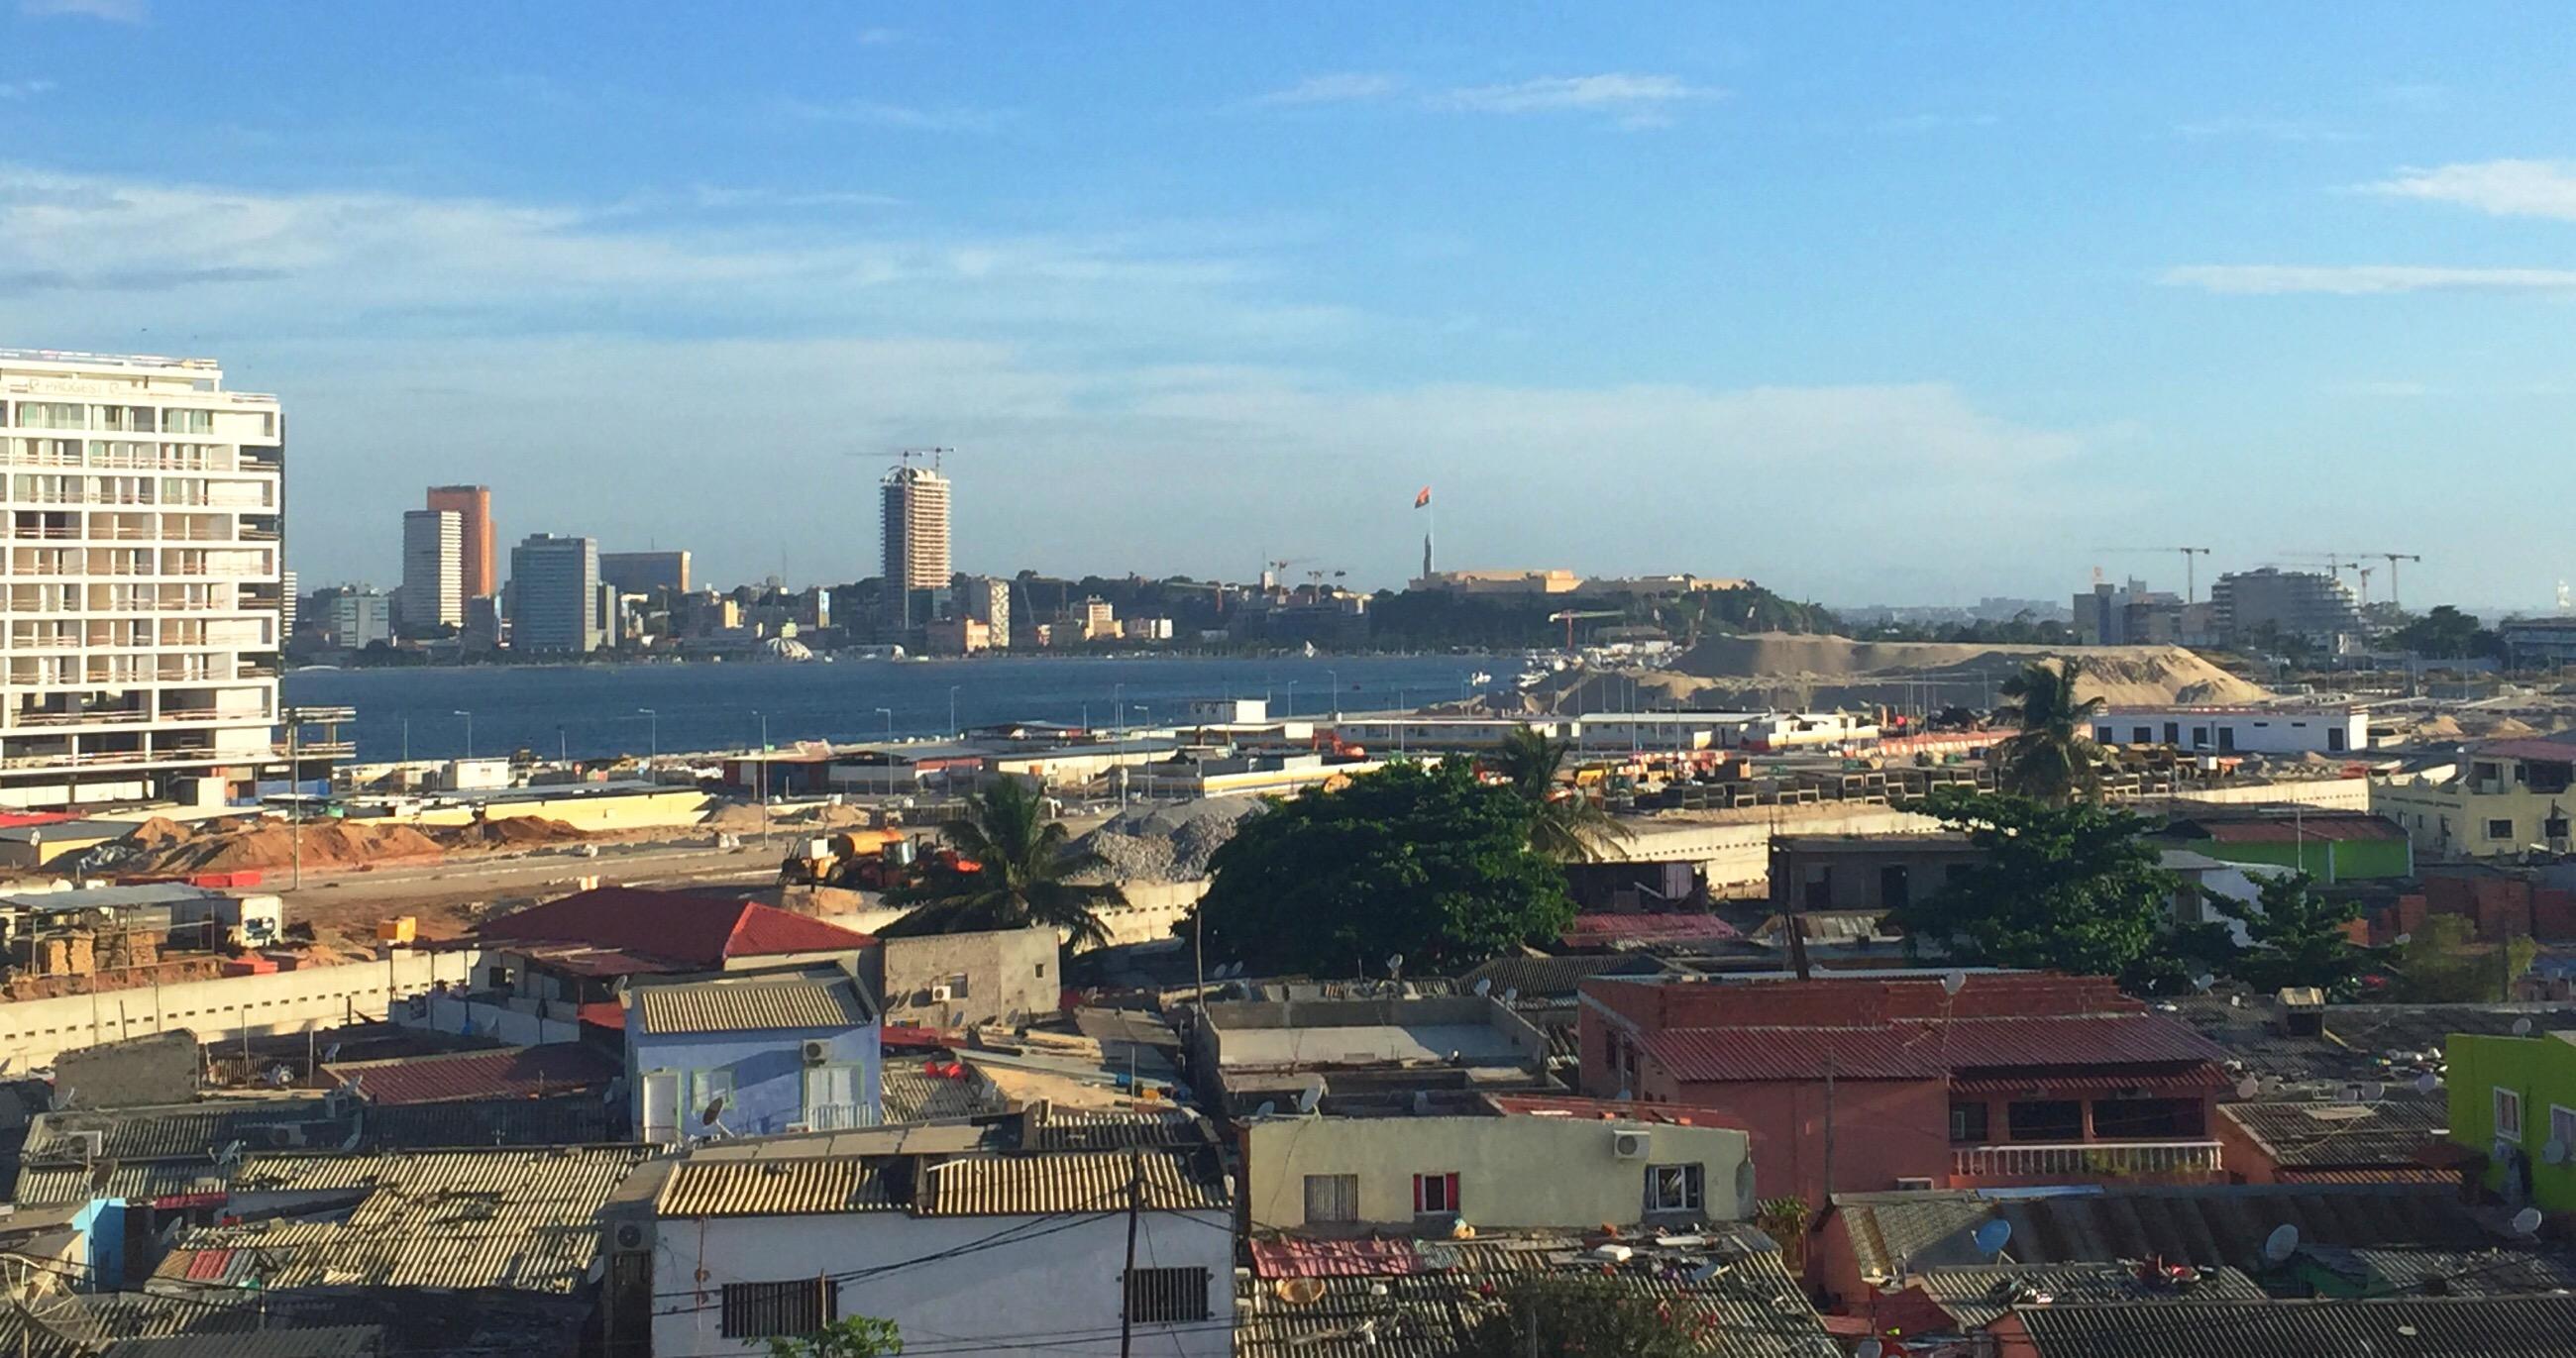 Cartas de Angola # 1